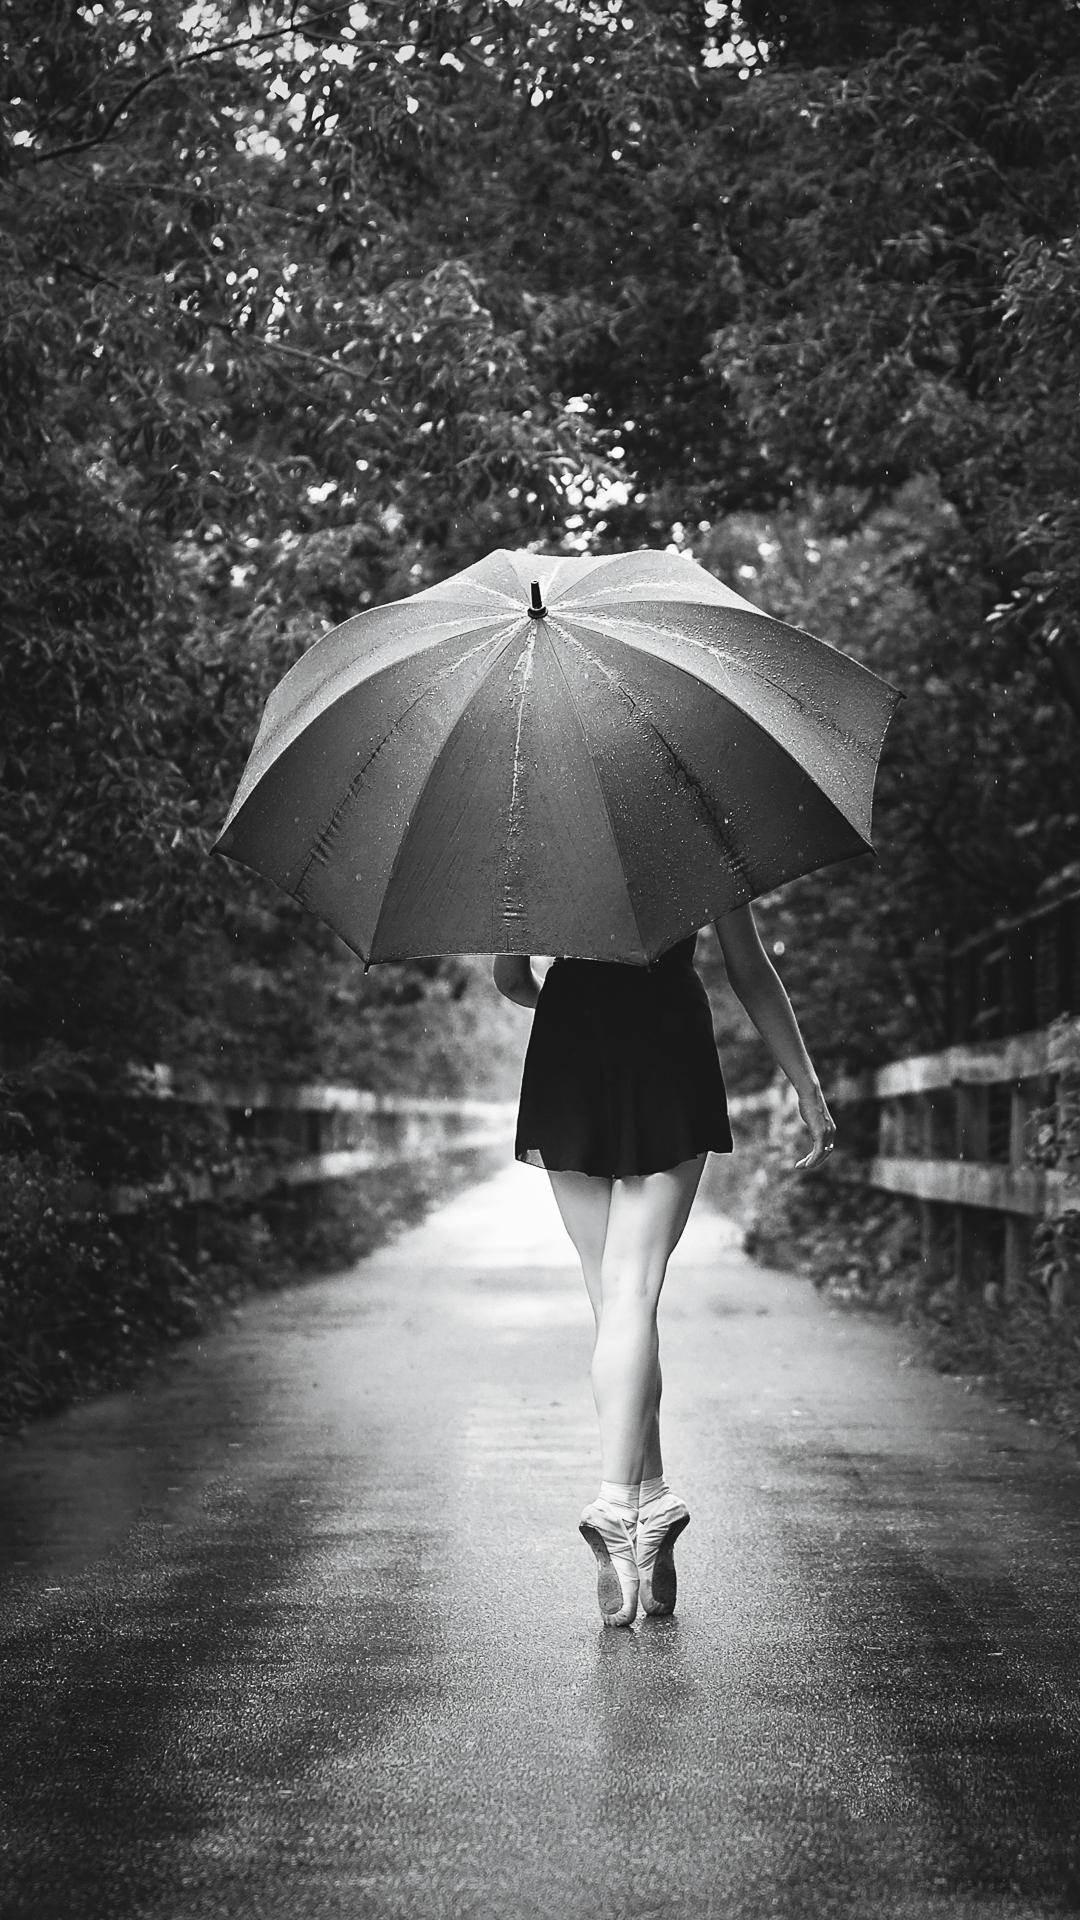 Ballerine sous la pluie